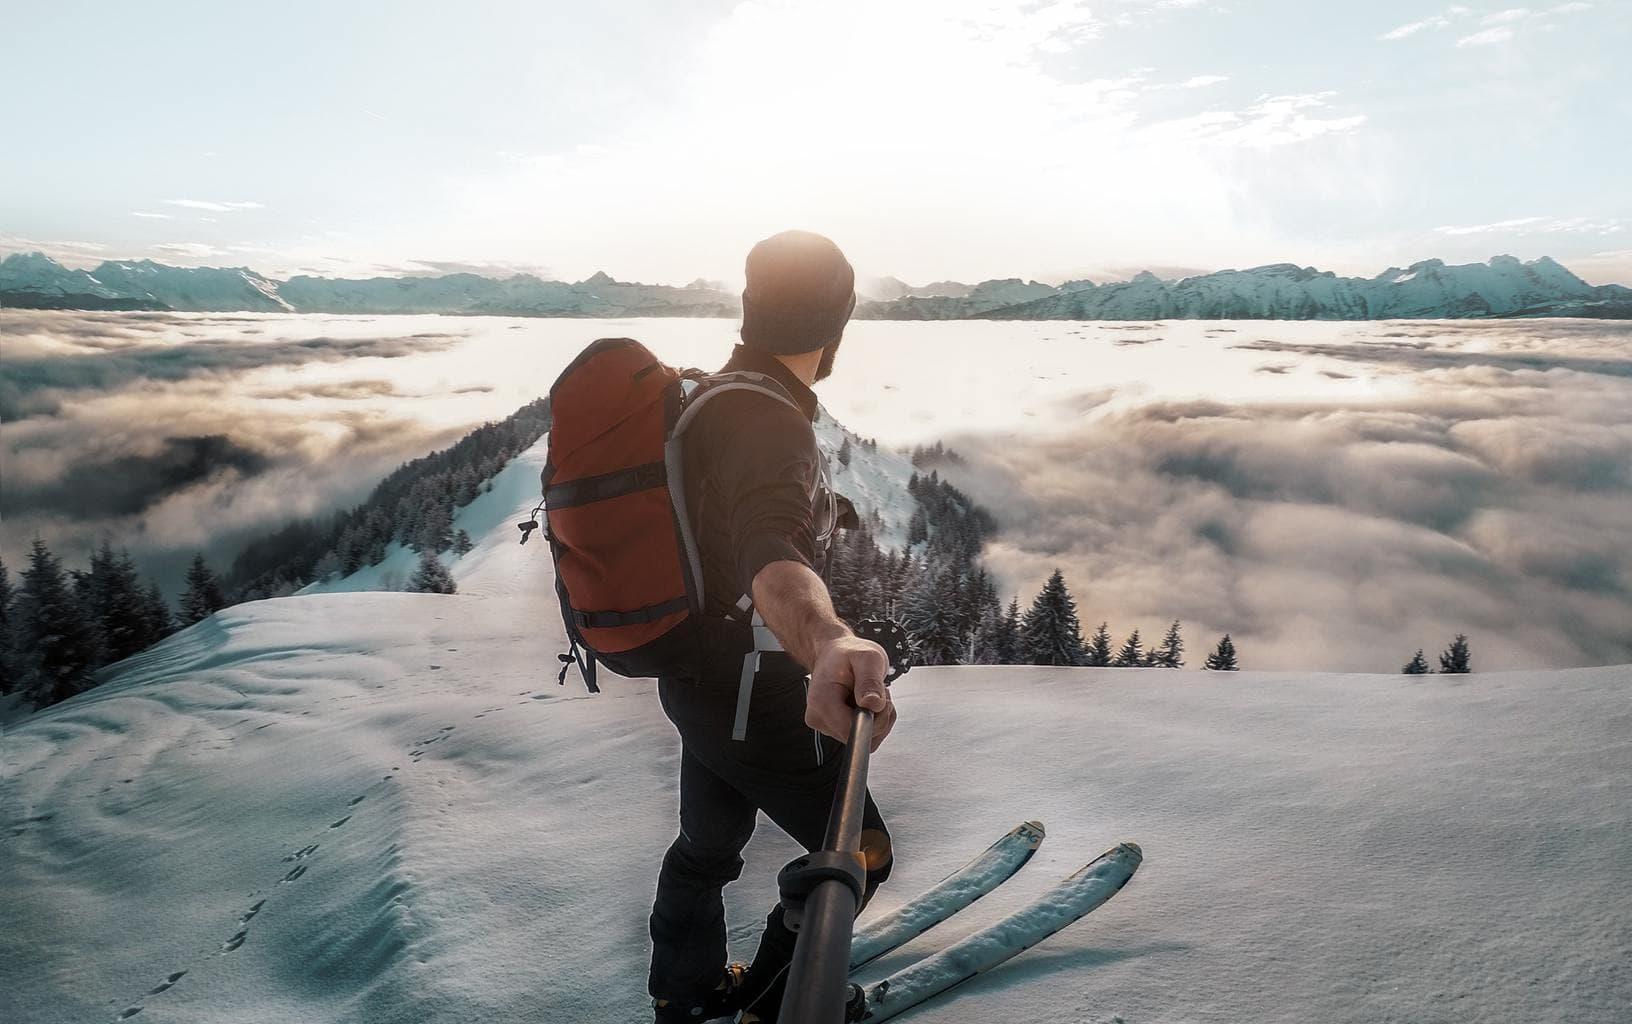 Fotografía de paisaje nevado tomado con GoPro en palo selfie